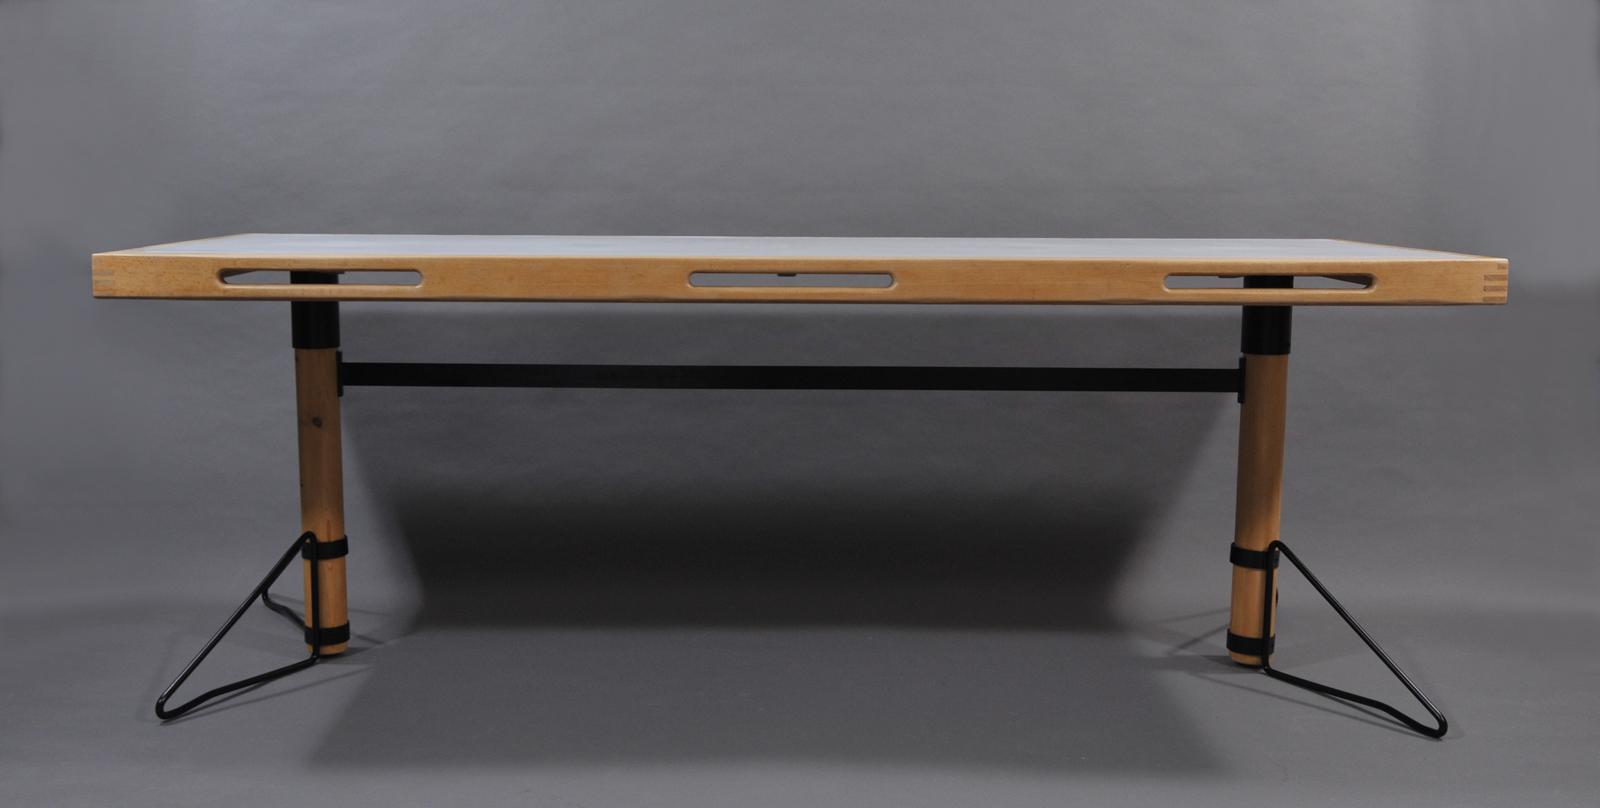 lampe de table orange vintage modulolab. Black Bedroom Furniture Sets. Home Design Ideas